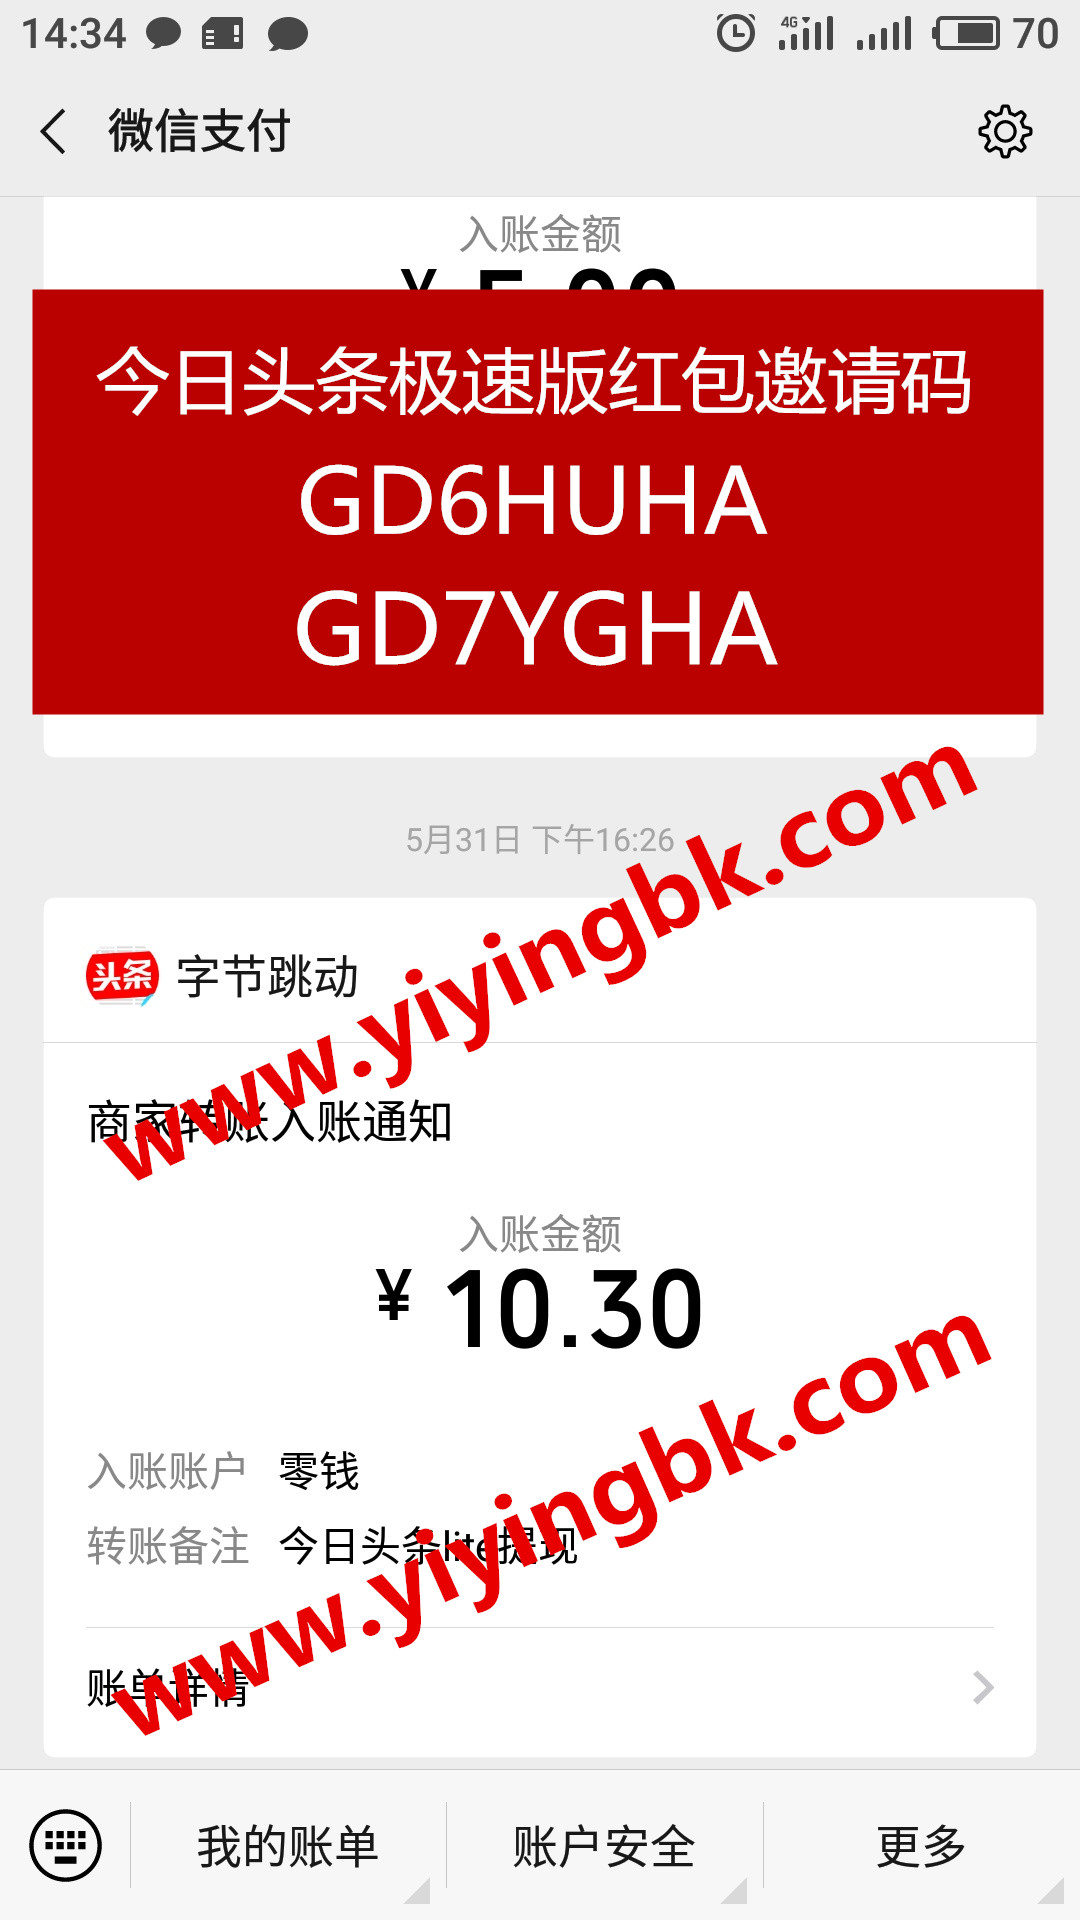 今日头条极速版,免费领红包赚零花钱,微信提现10.3元支付极速到账。www.yiyingbk.com